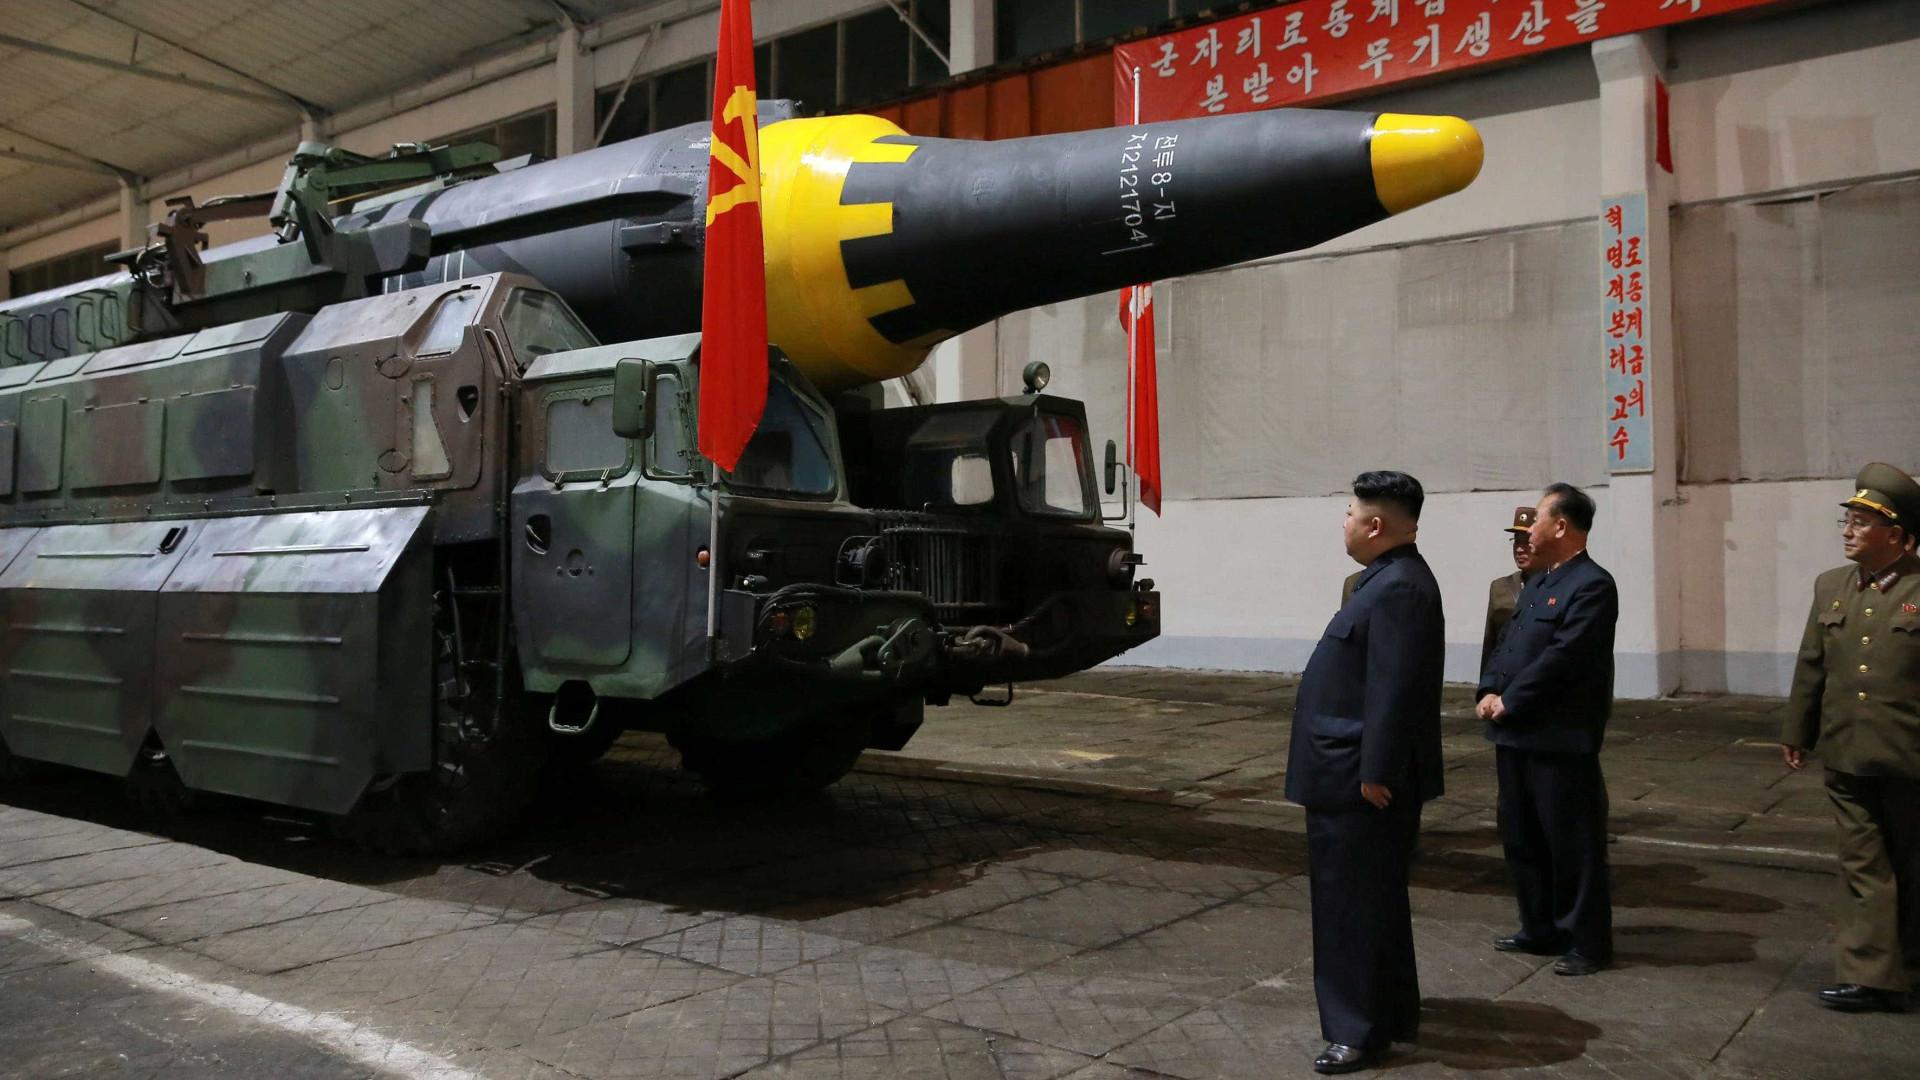 Último teste nuclear da Coreia do Norte foi avaliado em 250 quilotons